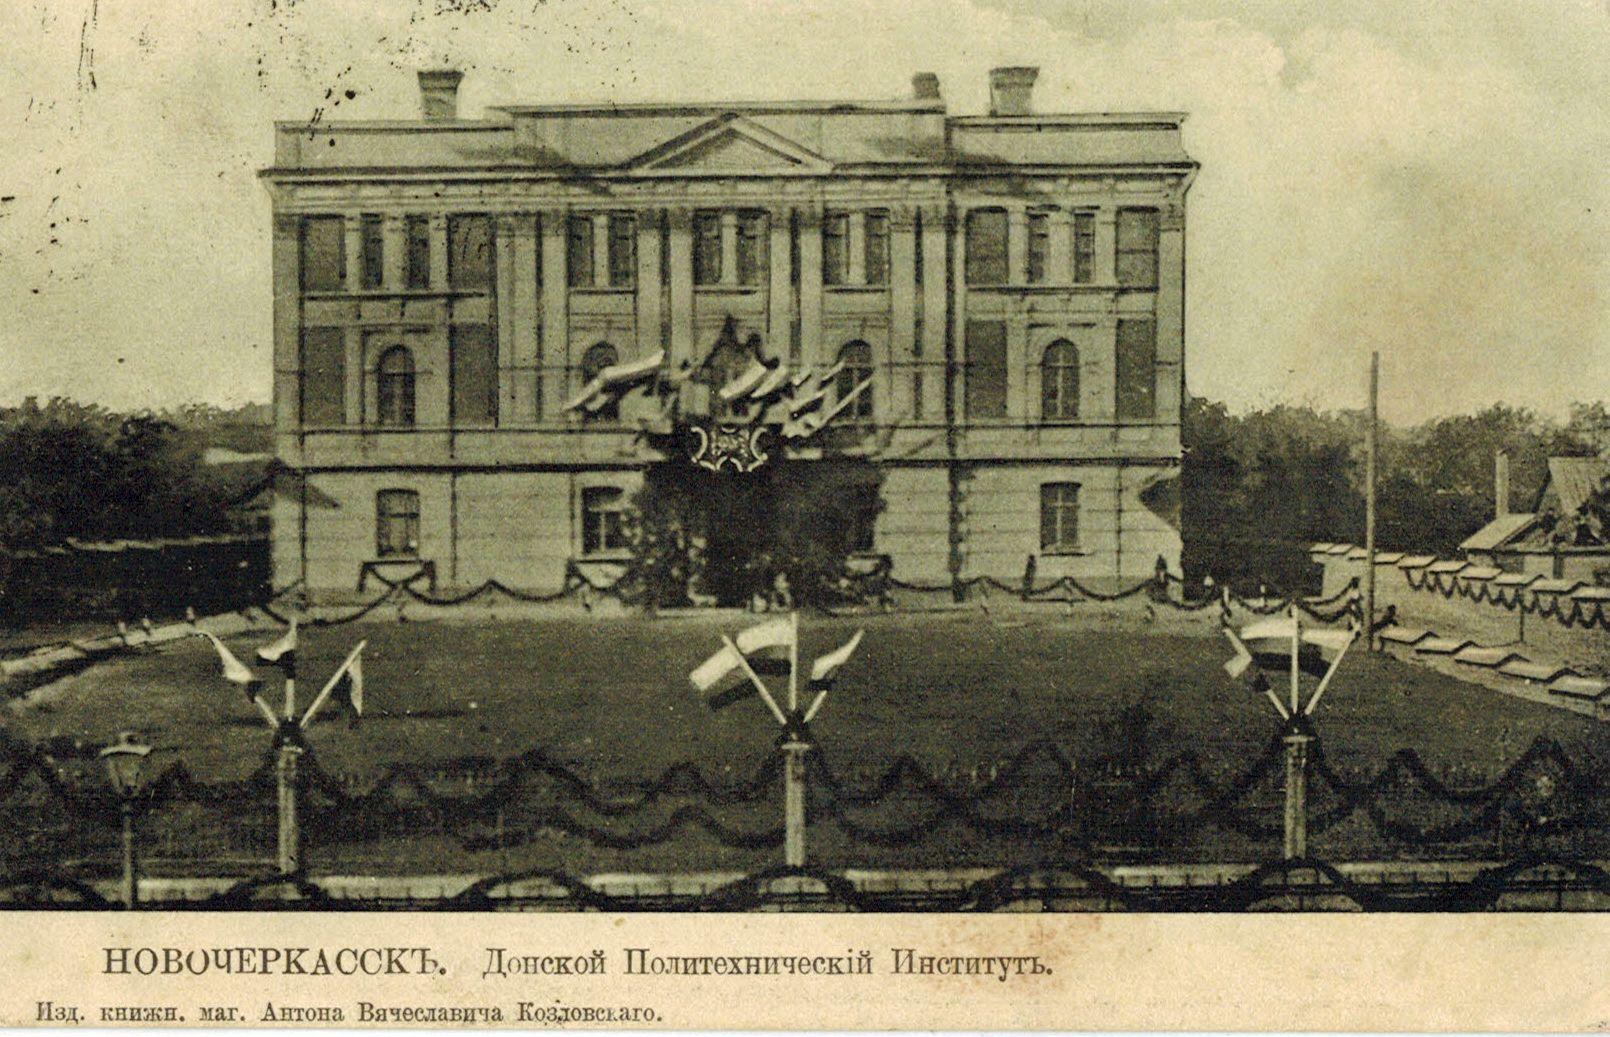 Донской Политехнический Институт